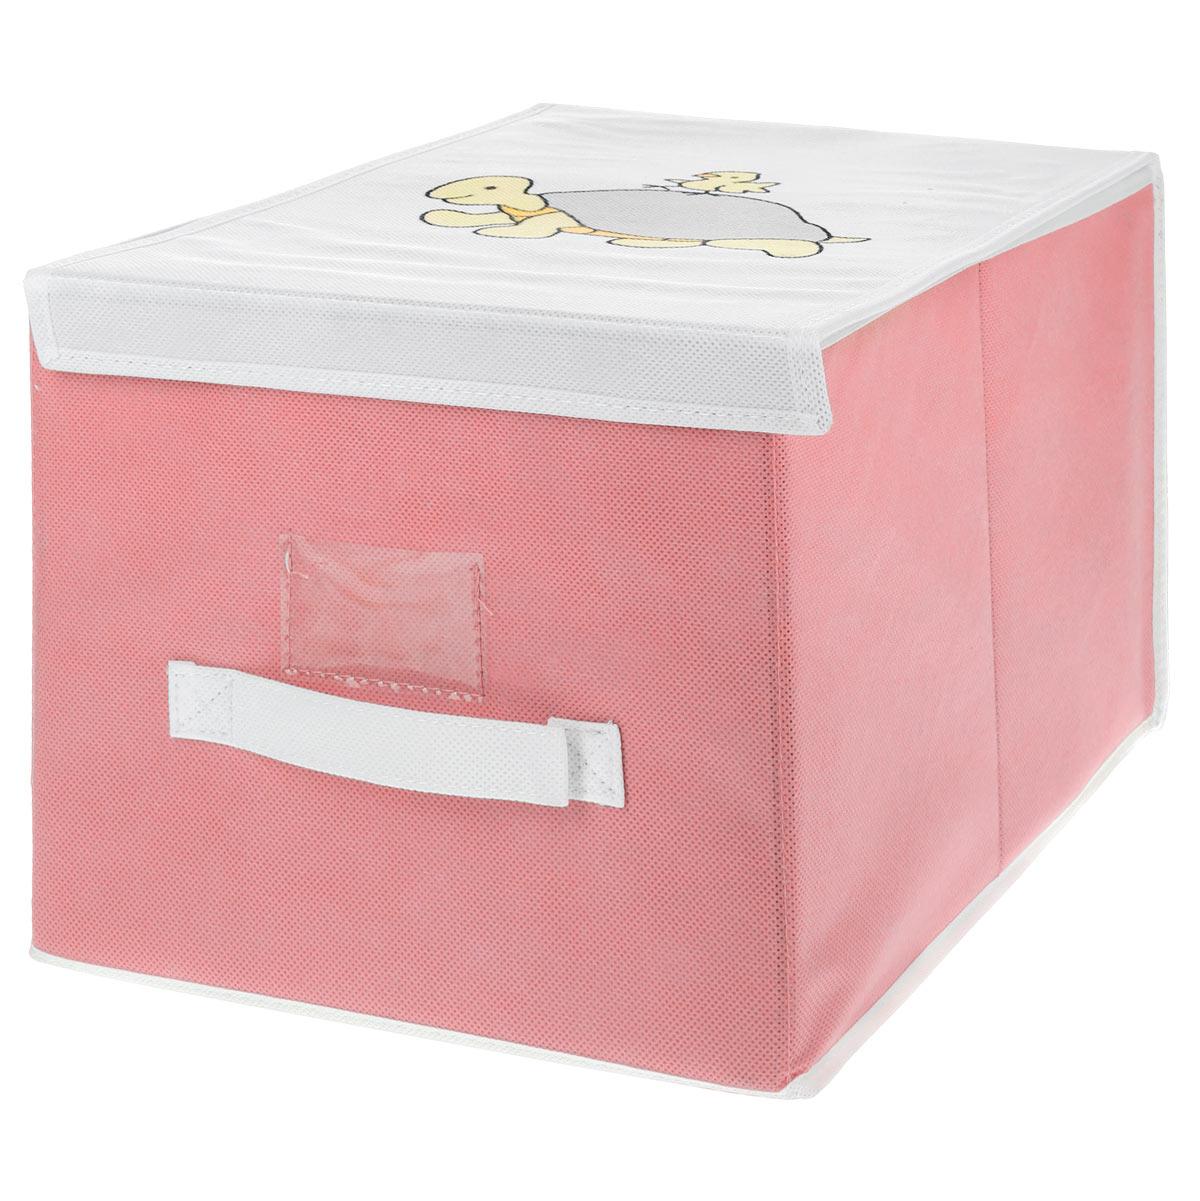 Чехол для хранения Voila Baby, цвет: розовый, 30 см х 40 см х 25 смCOVLSCBY02 розовыйЧехол Voila Baby выполнен из дышащего нетканого материала (полипропилен), безопасного в использовании. Изделие предназначено для хранения вещей. Он защитит вещи от повреждений, пыли, влаги и загрязнений во время хранения и транспортировки. Чехол идеально подходит для хранения детских вещей и игрушек. Жесткий каркас из плотного толстого картона, обеспечивает устойчивость конструкции. Изделие оформлено красочным изображением. Закрывается на липучки.